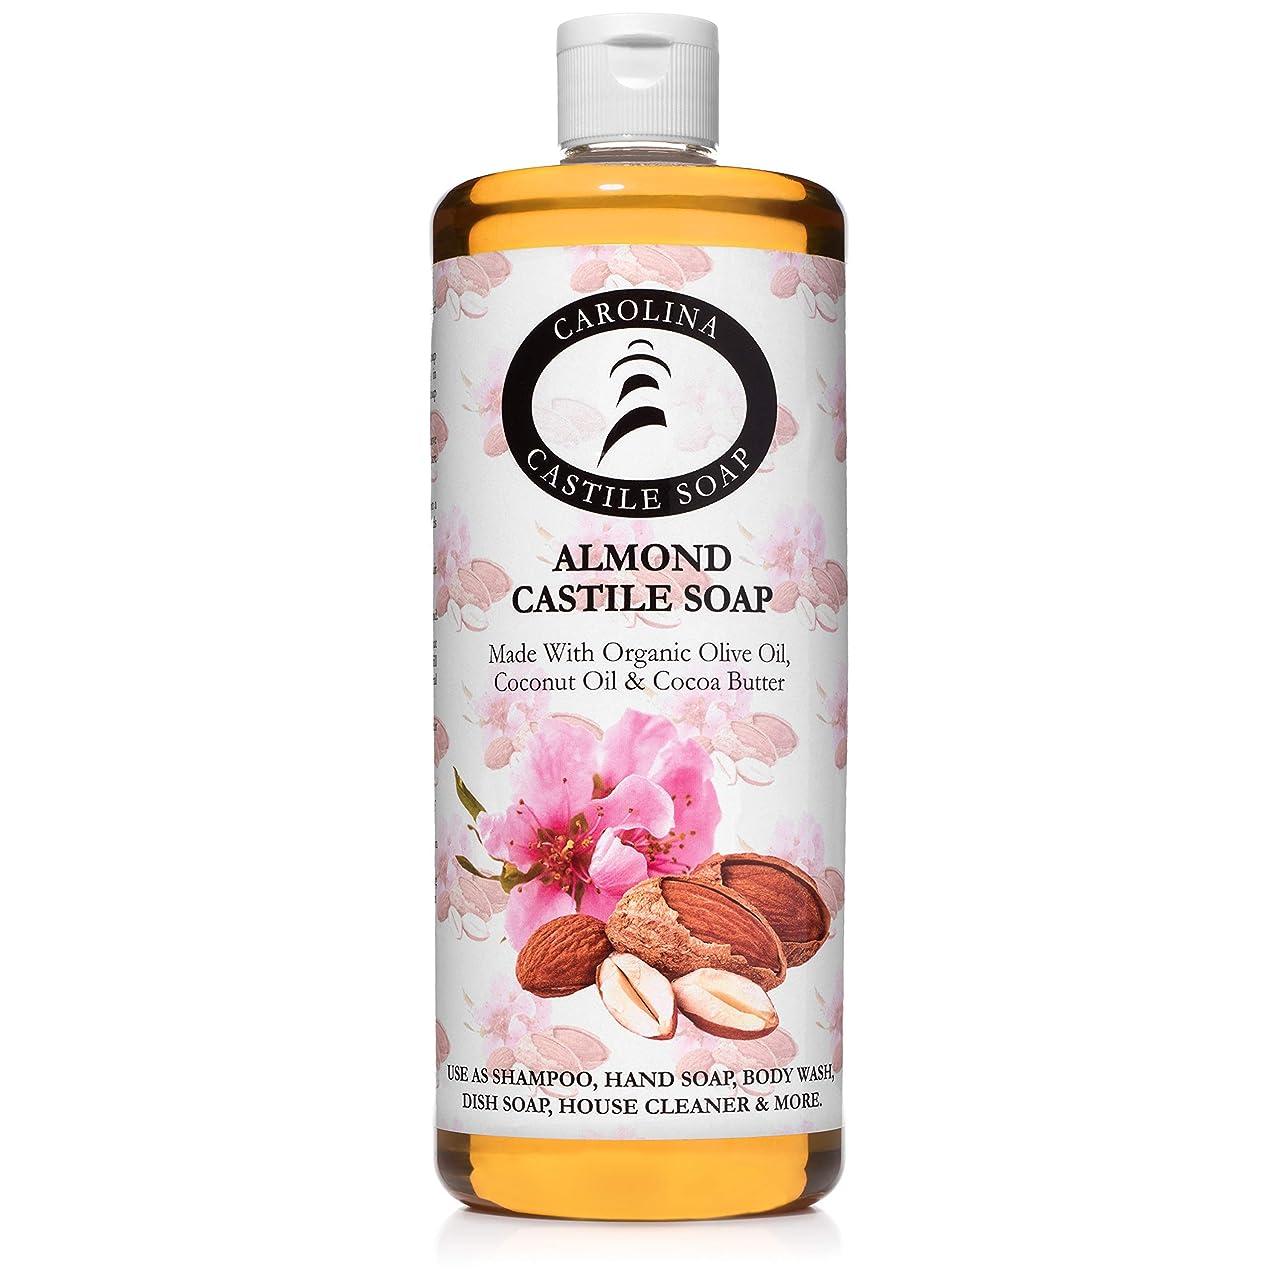 担当者紛争提供されたCarolina Castile Soap アーモンドオーガニックカカオバター 32オズ